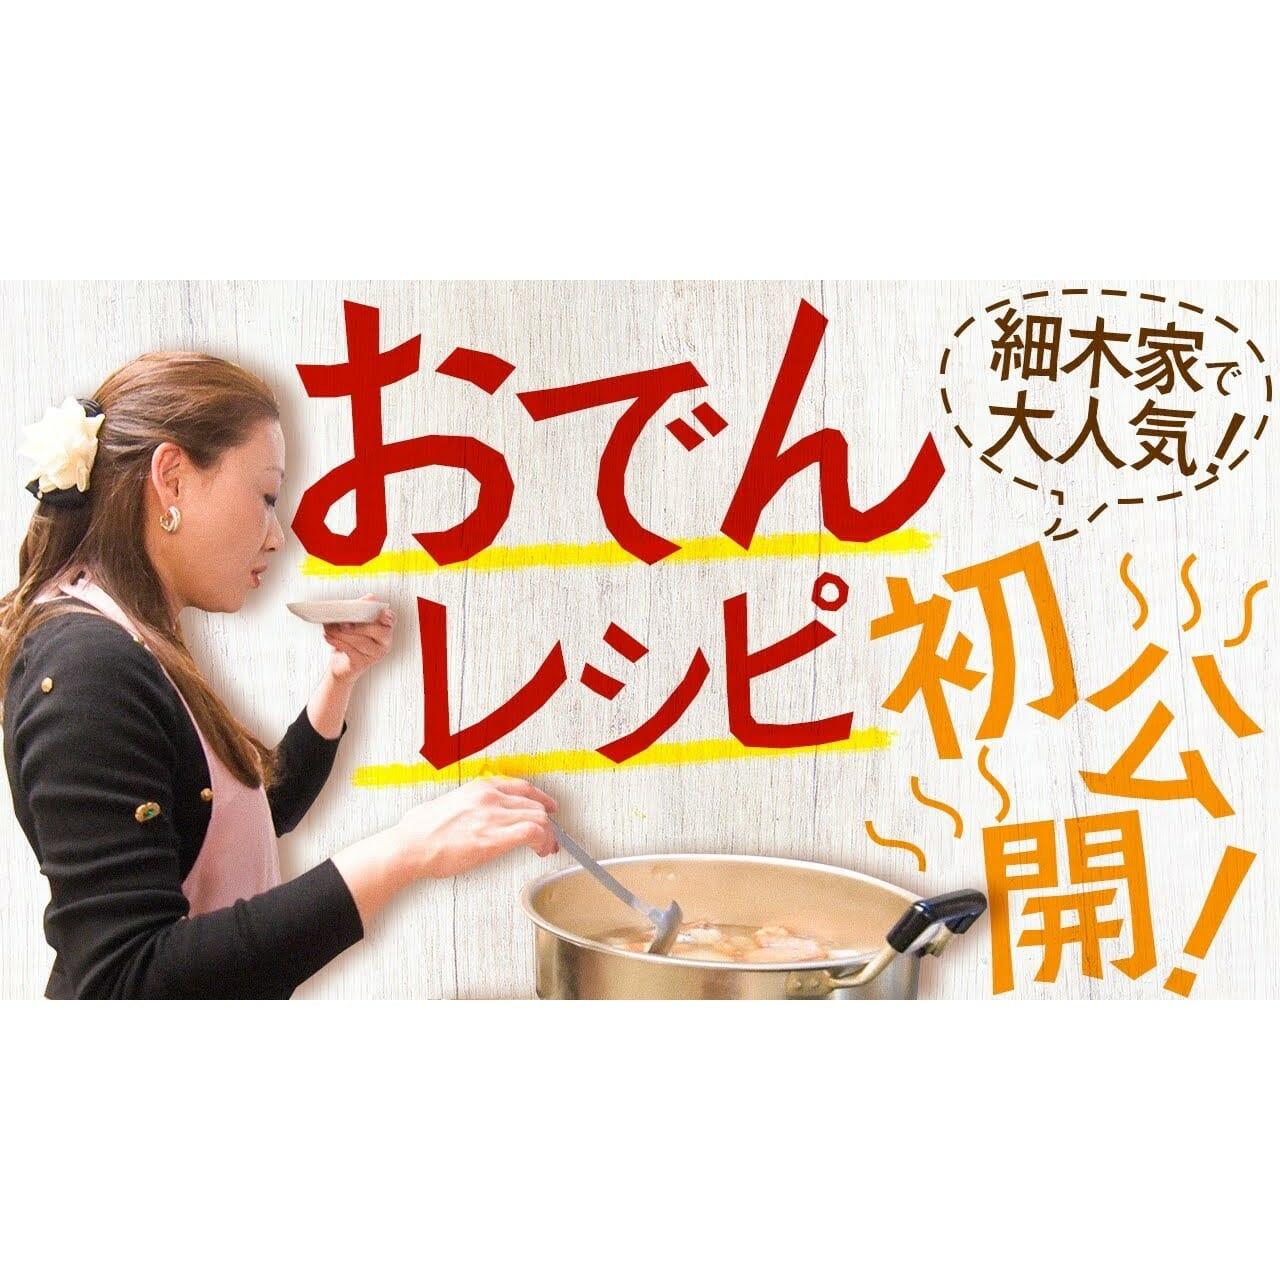 【料理】細木数子直伝 おでんのレシピ大公開!かおりクッキング第8弾